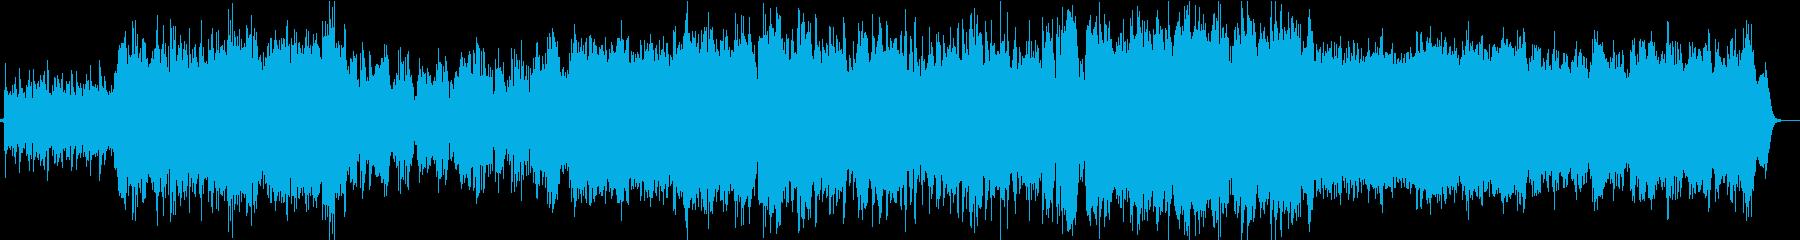 オーケストラによる壮大なケルト風BGMの再生済みの波形